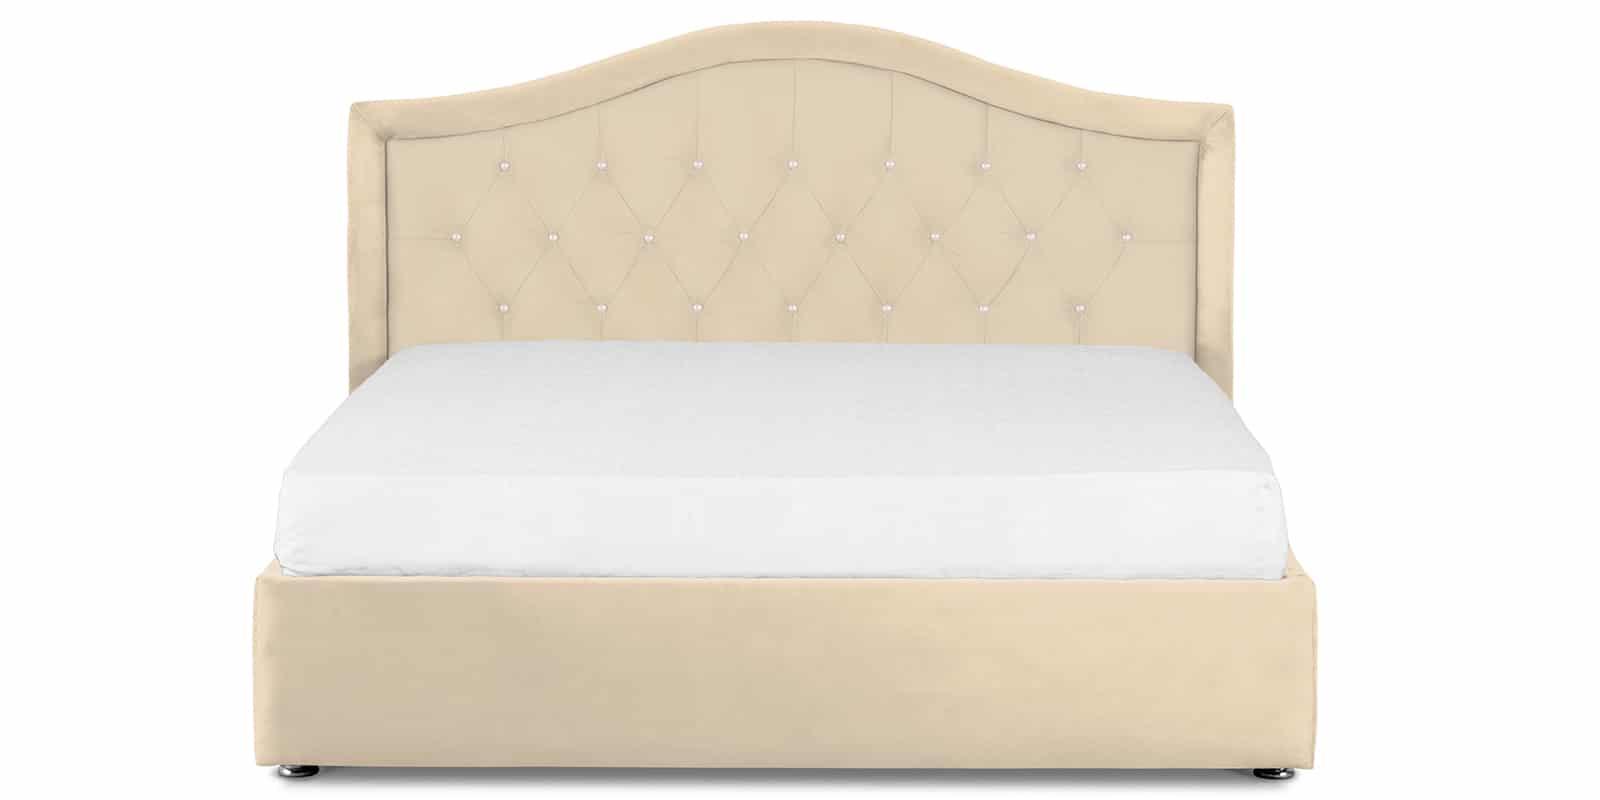 Мягкая кровать Малибу 160см экокожа бежевый вариант 9-2 фото 2 | интернет-магазин Складно